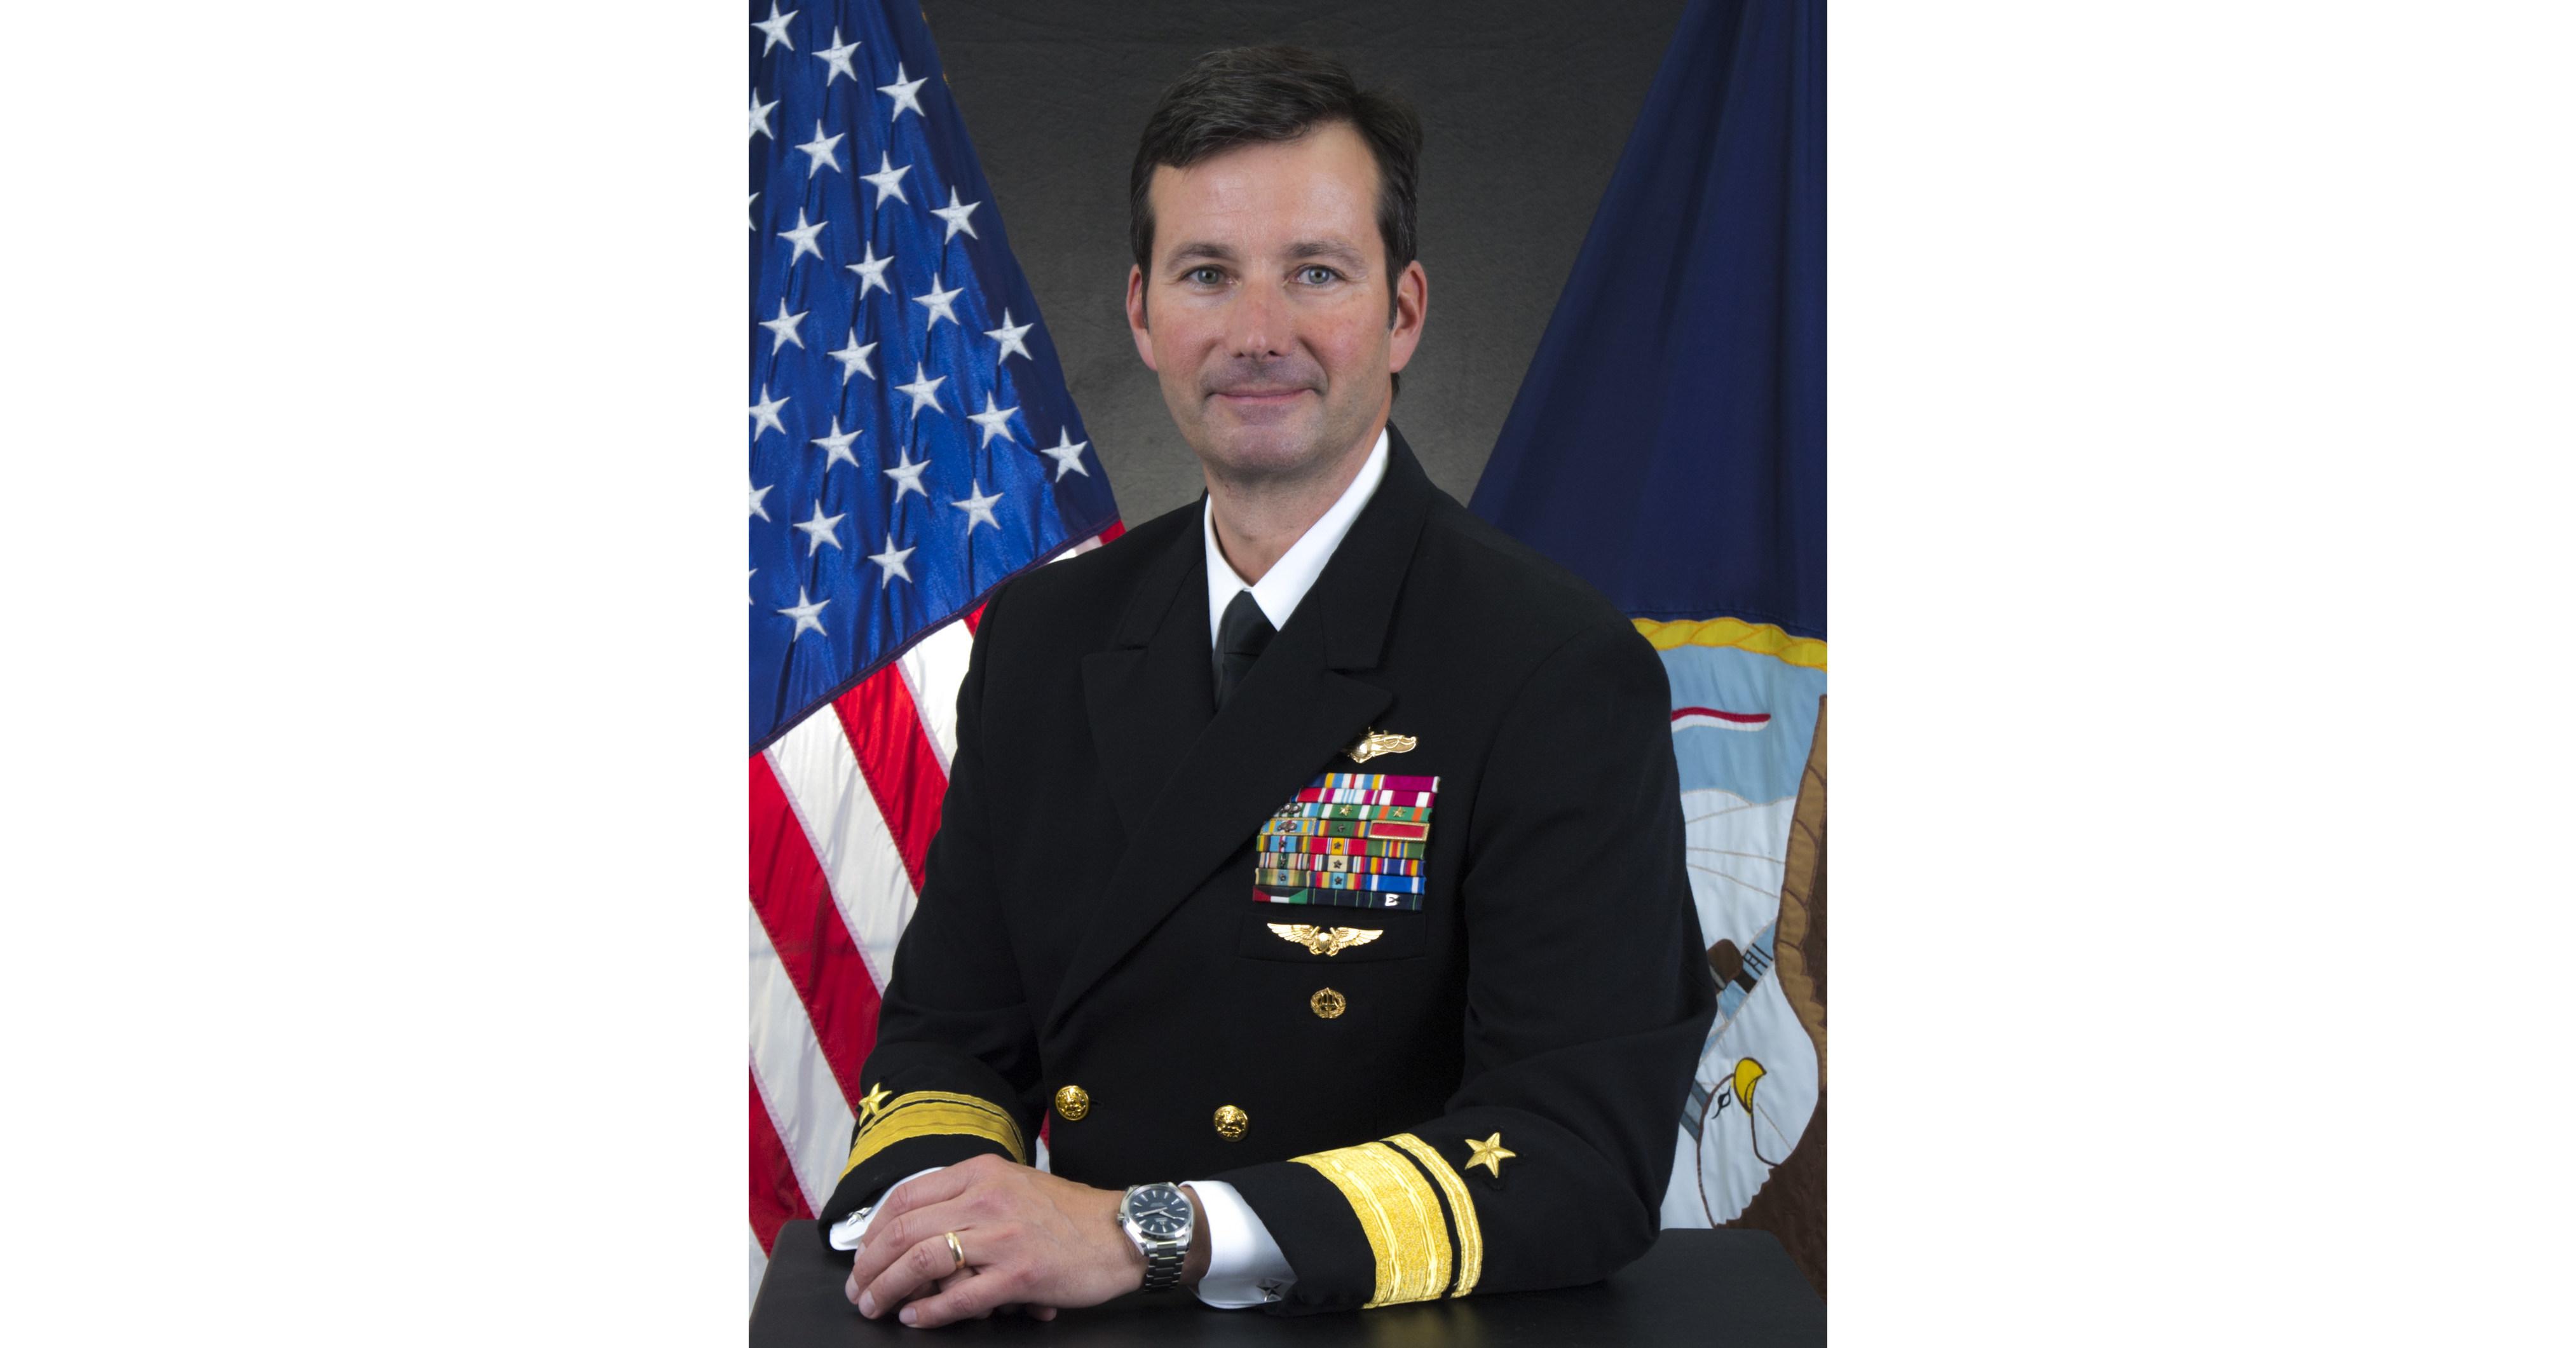 Becker official Navy photo jpg?p=facebook.